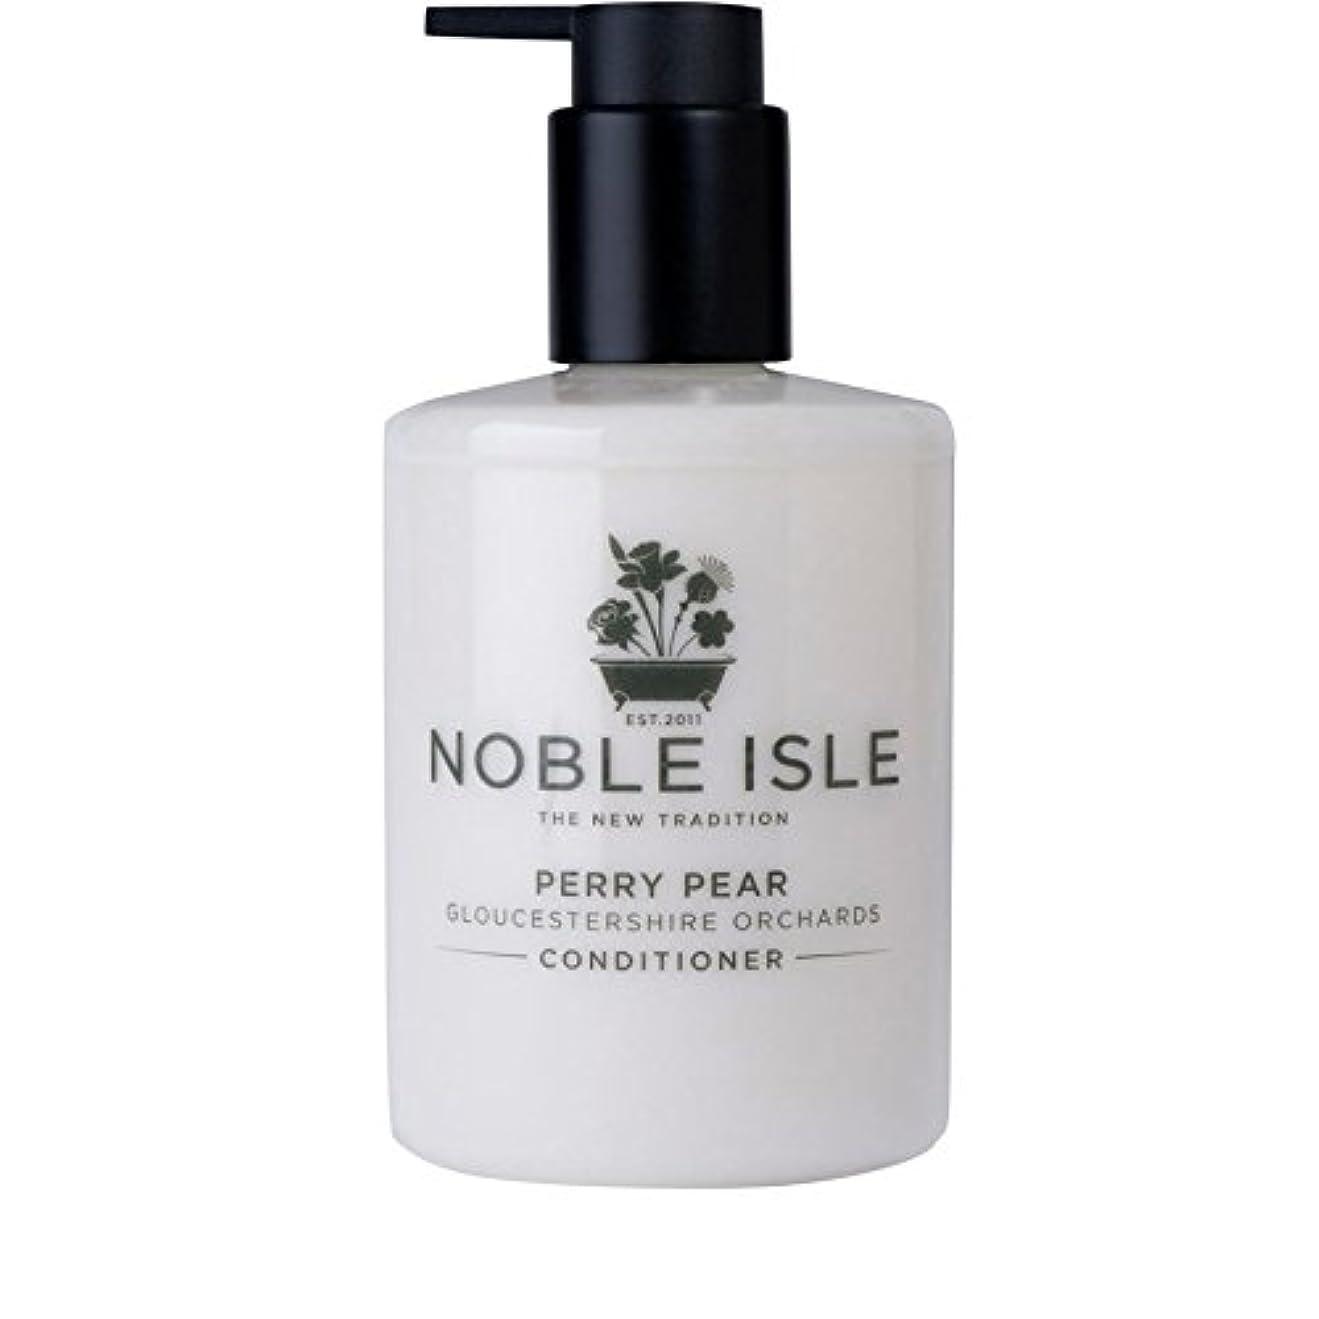 ミルクフレームワーク送料Noble Isle Perry Pear Gloucestershire Orchards Conditioner 250ml - 高貴な島ペリー梨グロスターシャー州の果樹園コンディショナー250ミリリットル [並行輸入品]